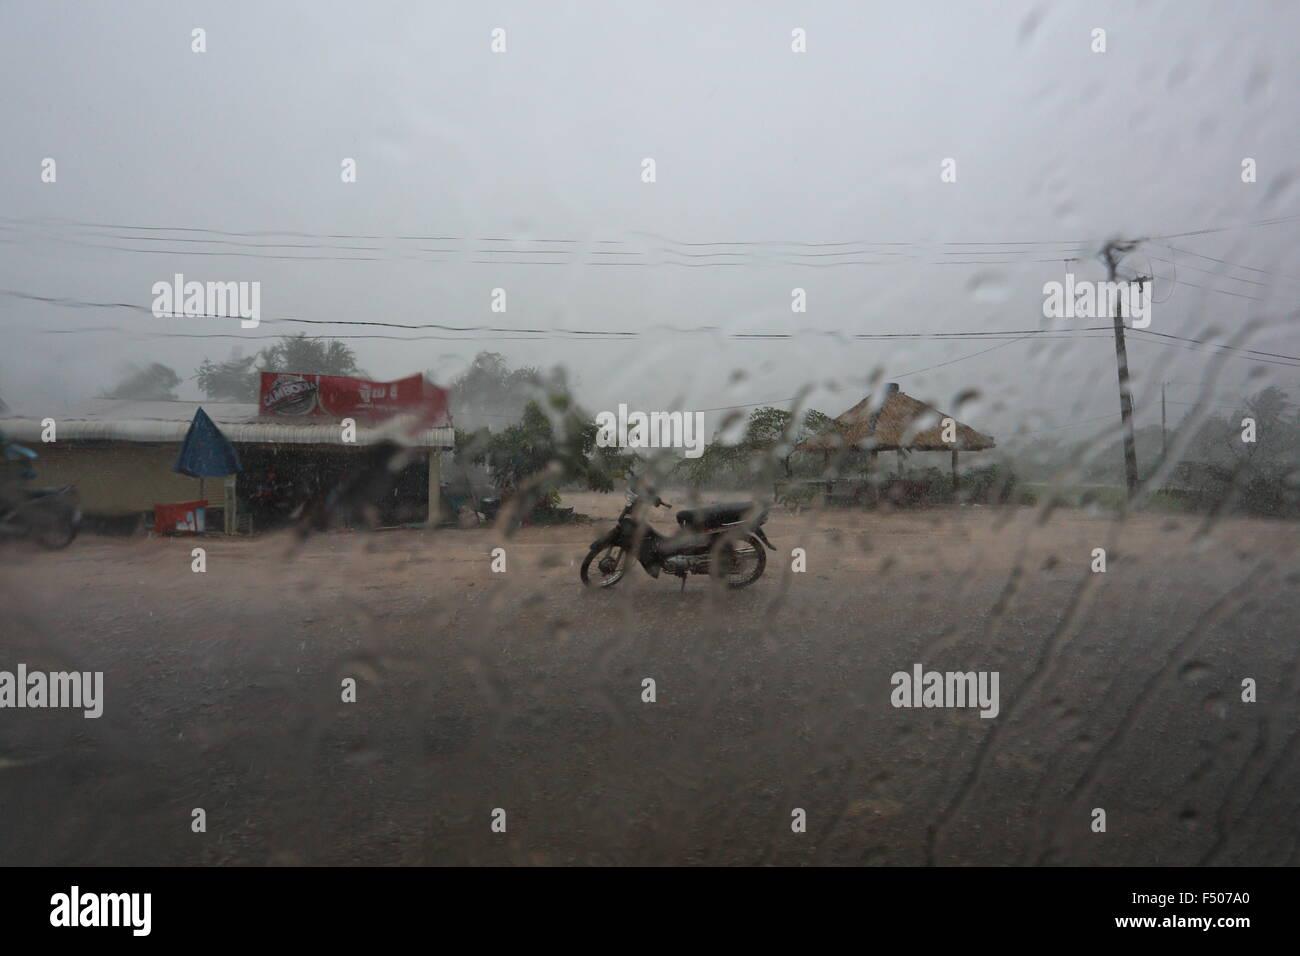 monsoon-as-seen-through-a-car-window-in-